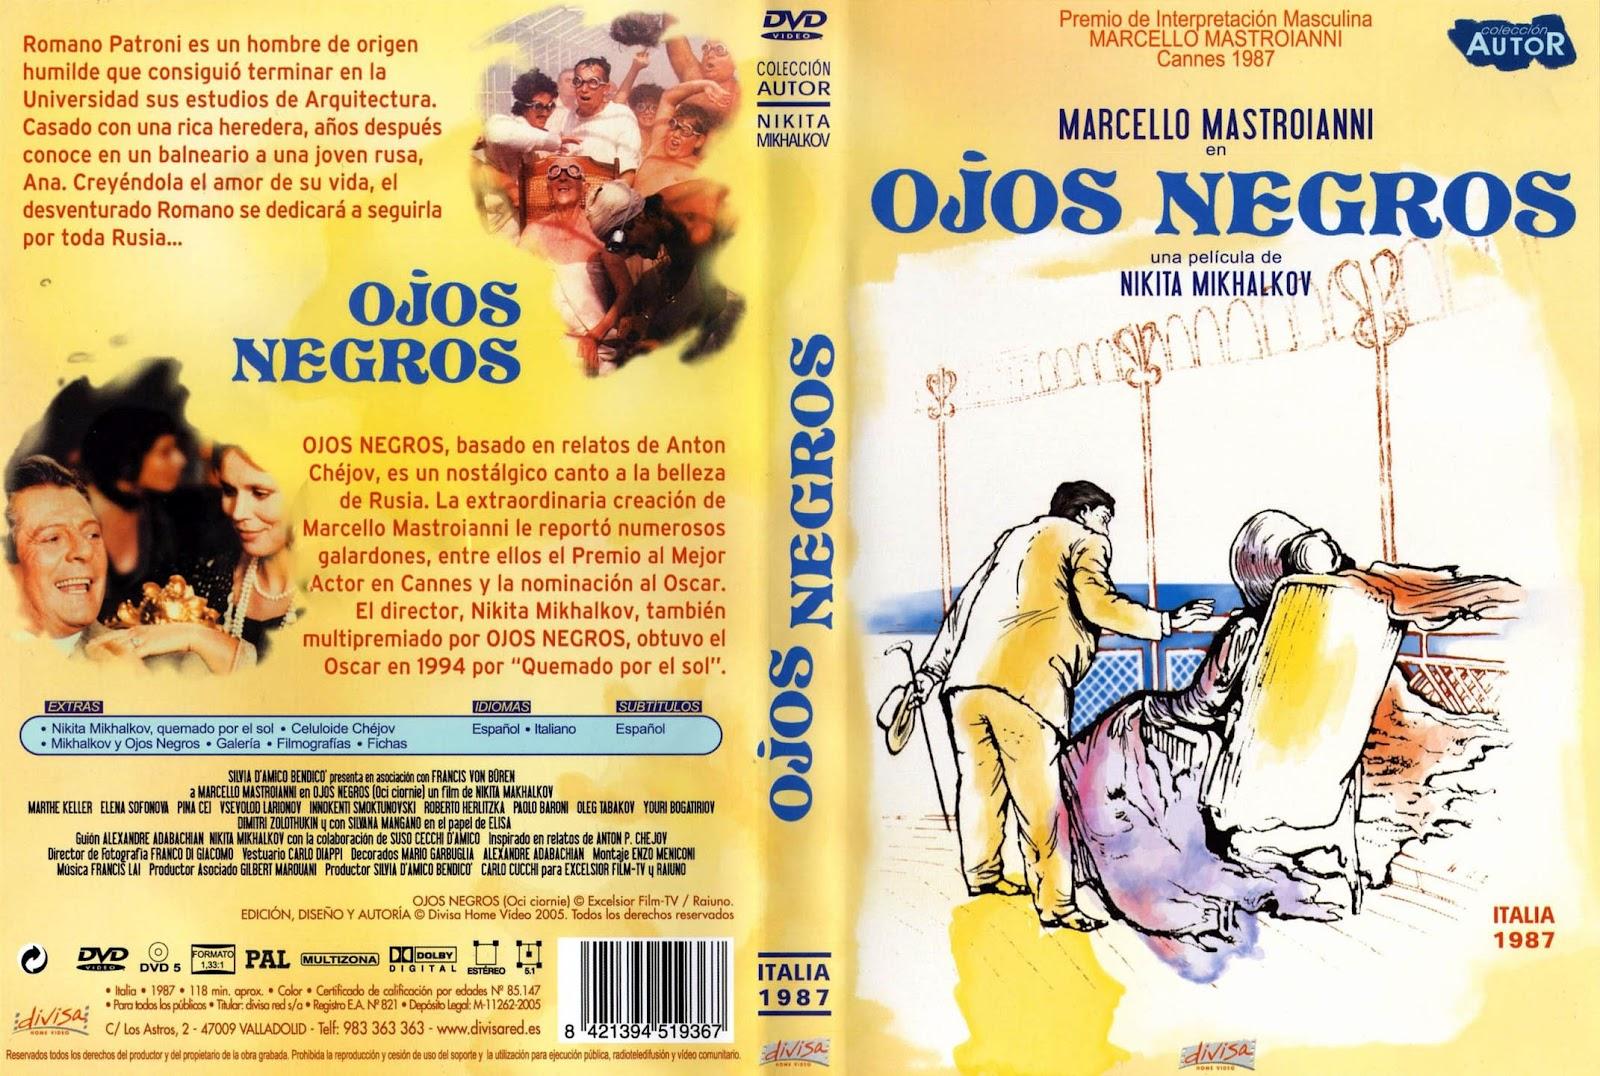 Ojos Negros (1987) Caratula